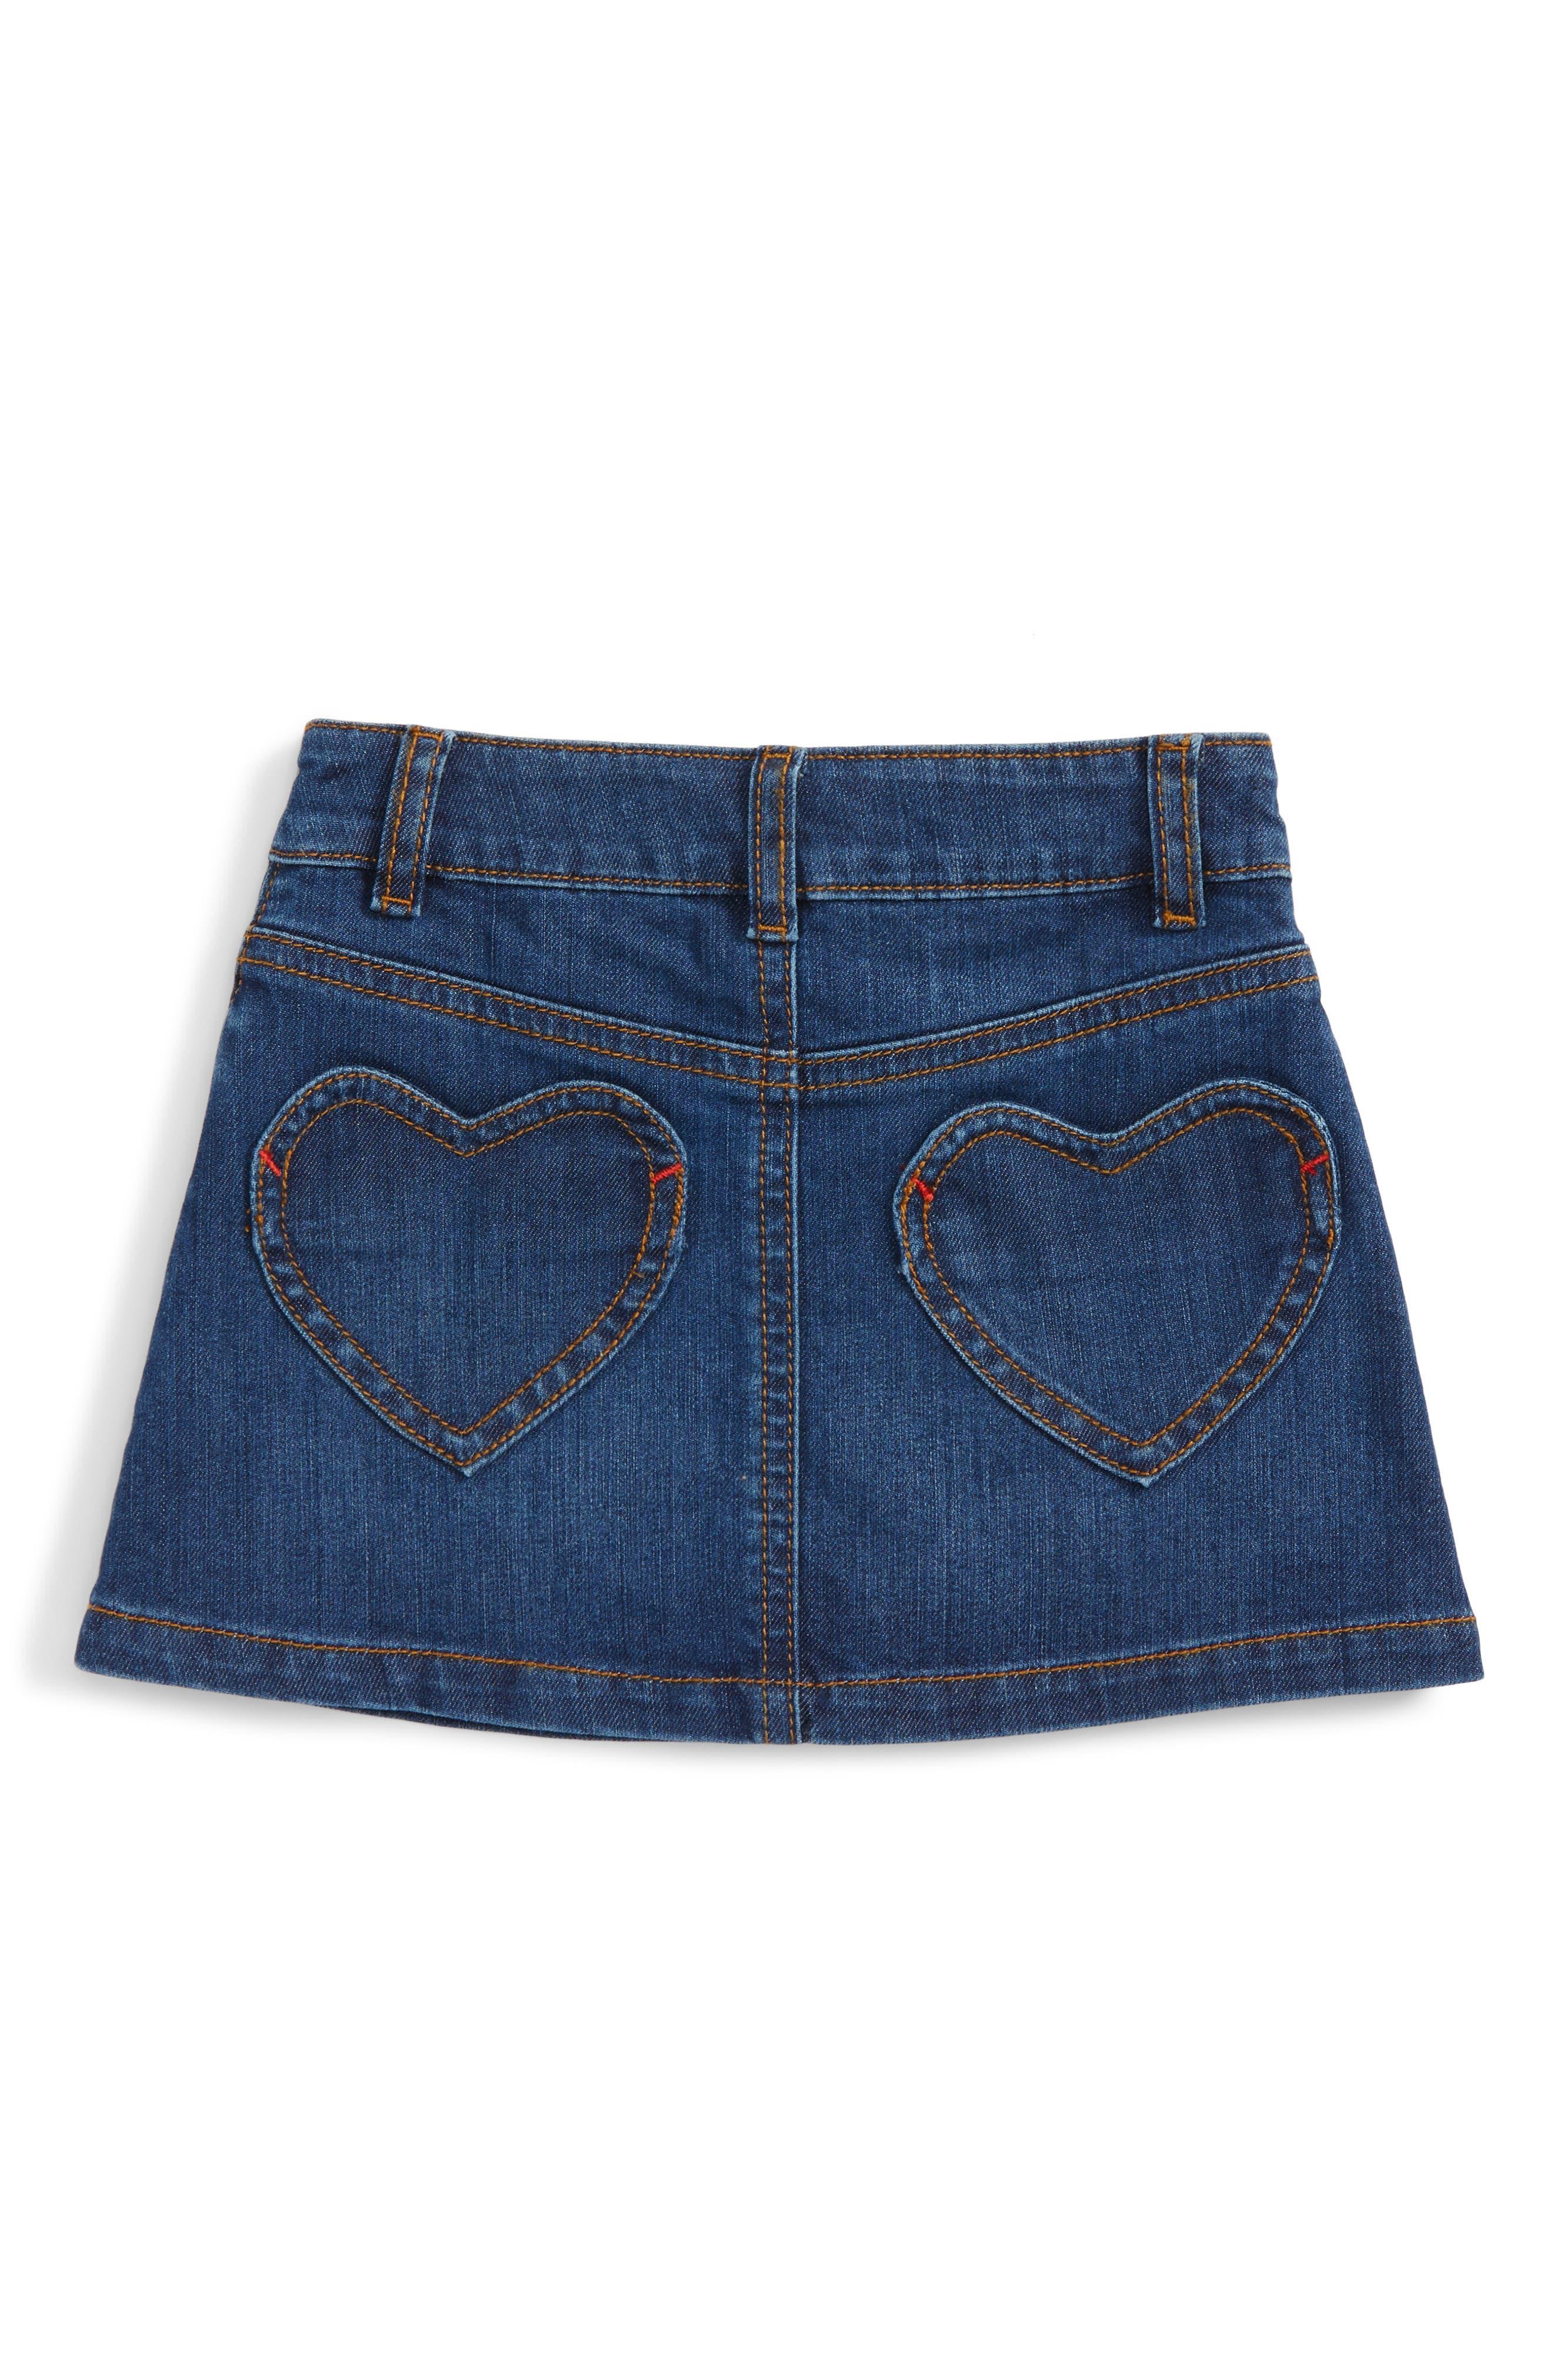 Heart Pocket Denim Skirt,                             Alternate thumbnail 2, color,                             469